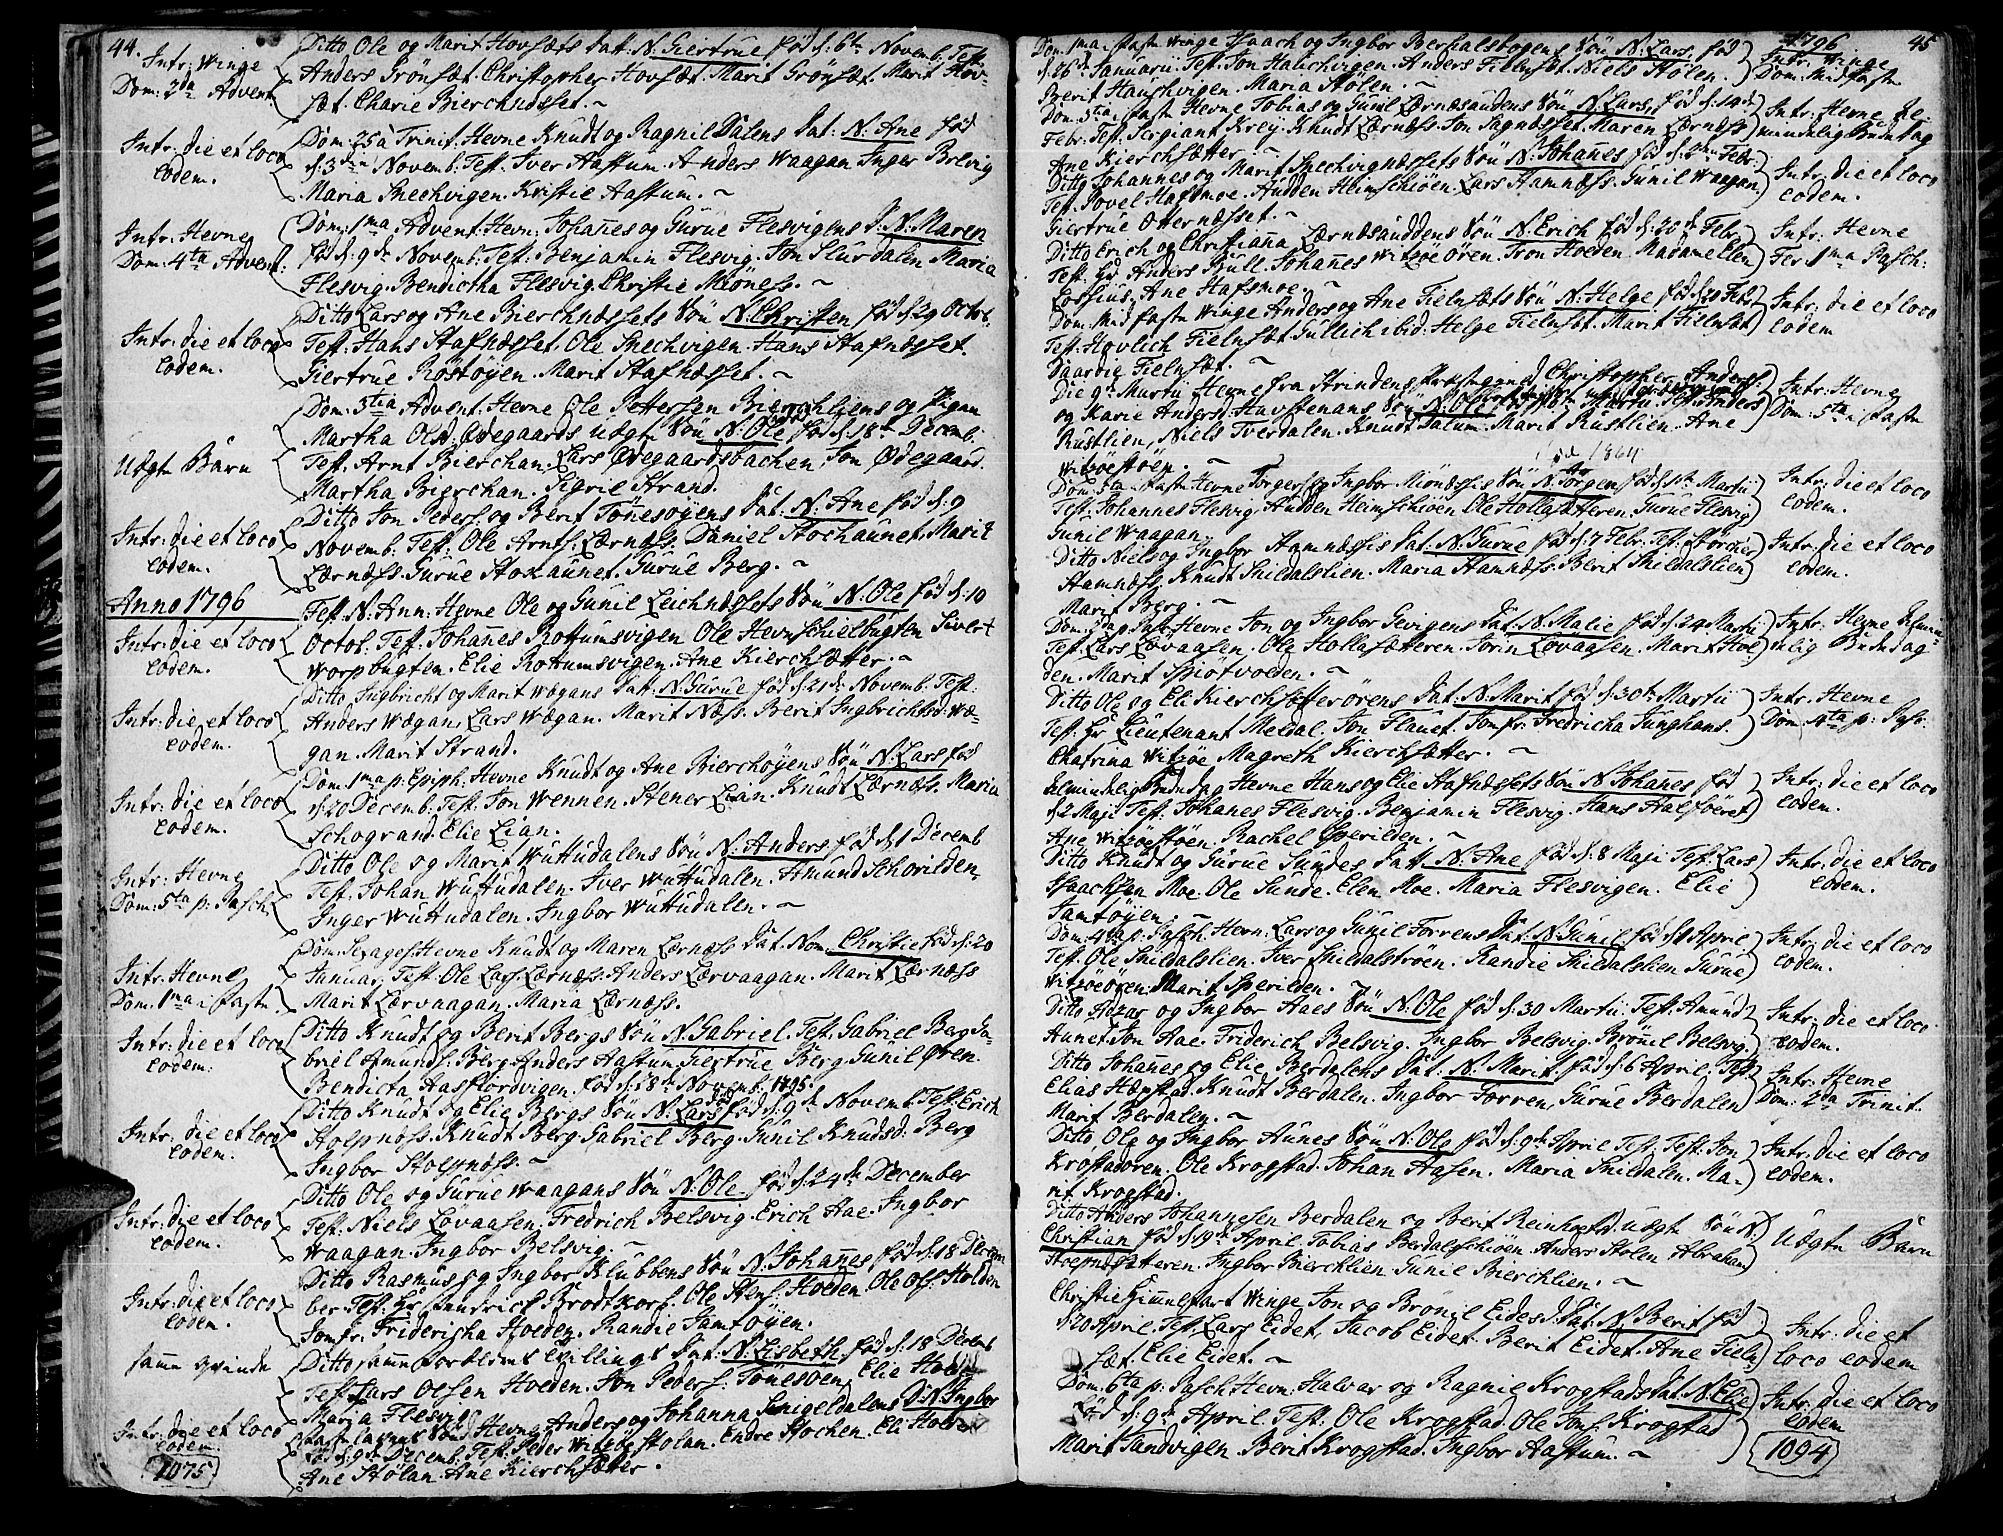 SAT, Ministerialprotokoller, klokkerbøker og fødselsregistre - Sør-Trøndelag, 630/L0490: Ministerialbok nr. 630A03, 1795-1818, s. 44-45